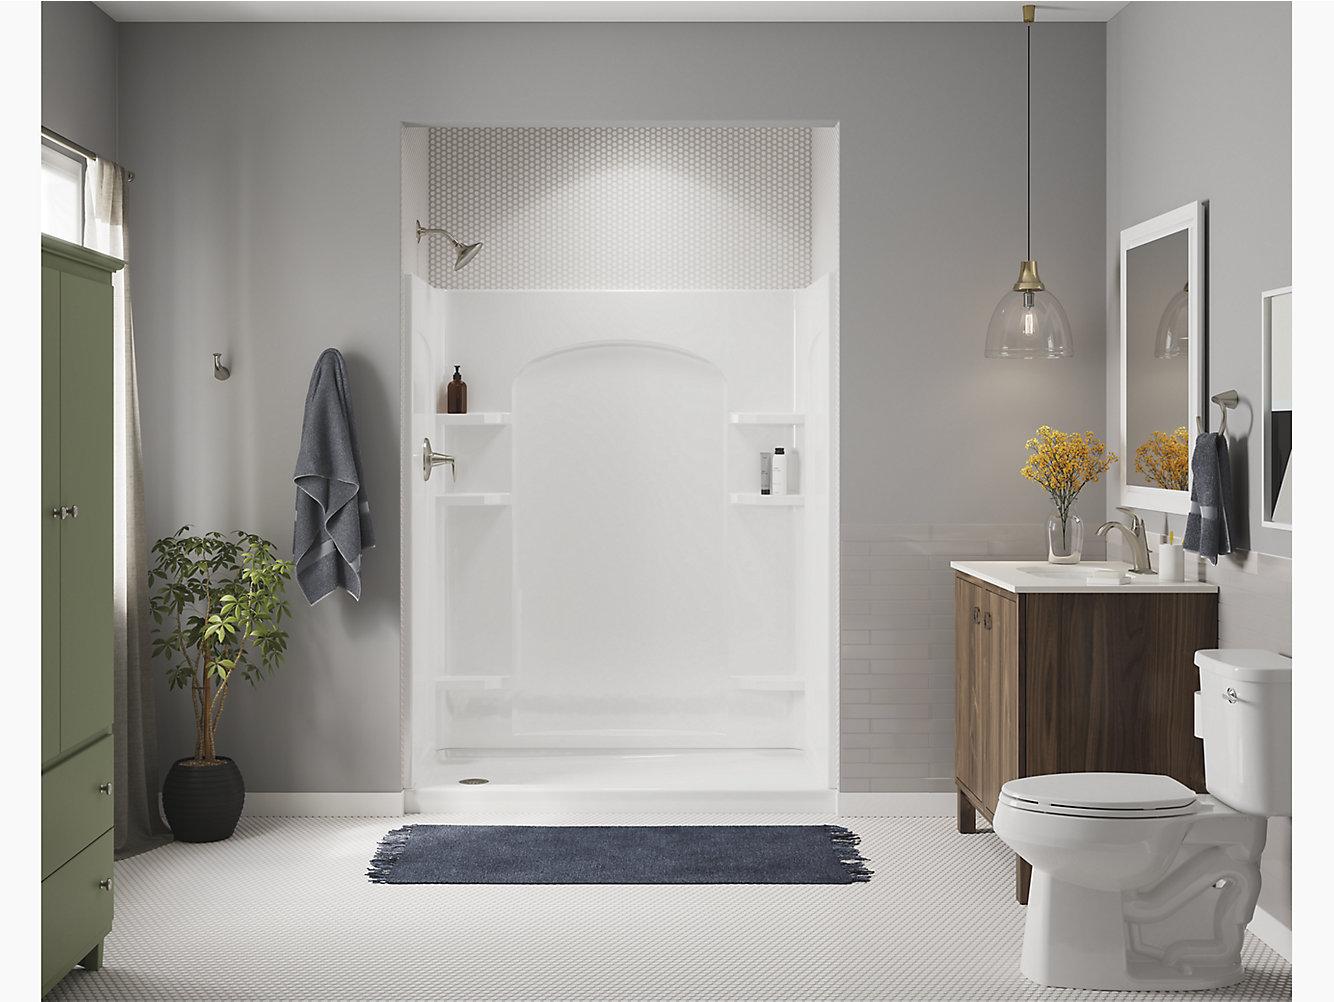 Ensemble Series 7218 60 X 32 X 74 34 Shower Stall 72180110